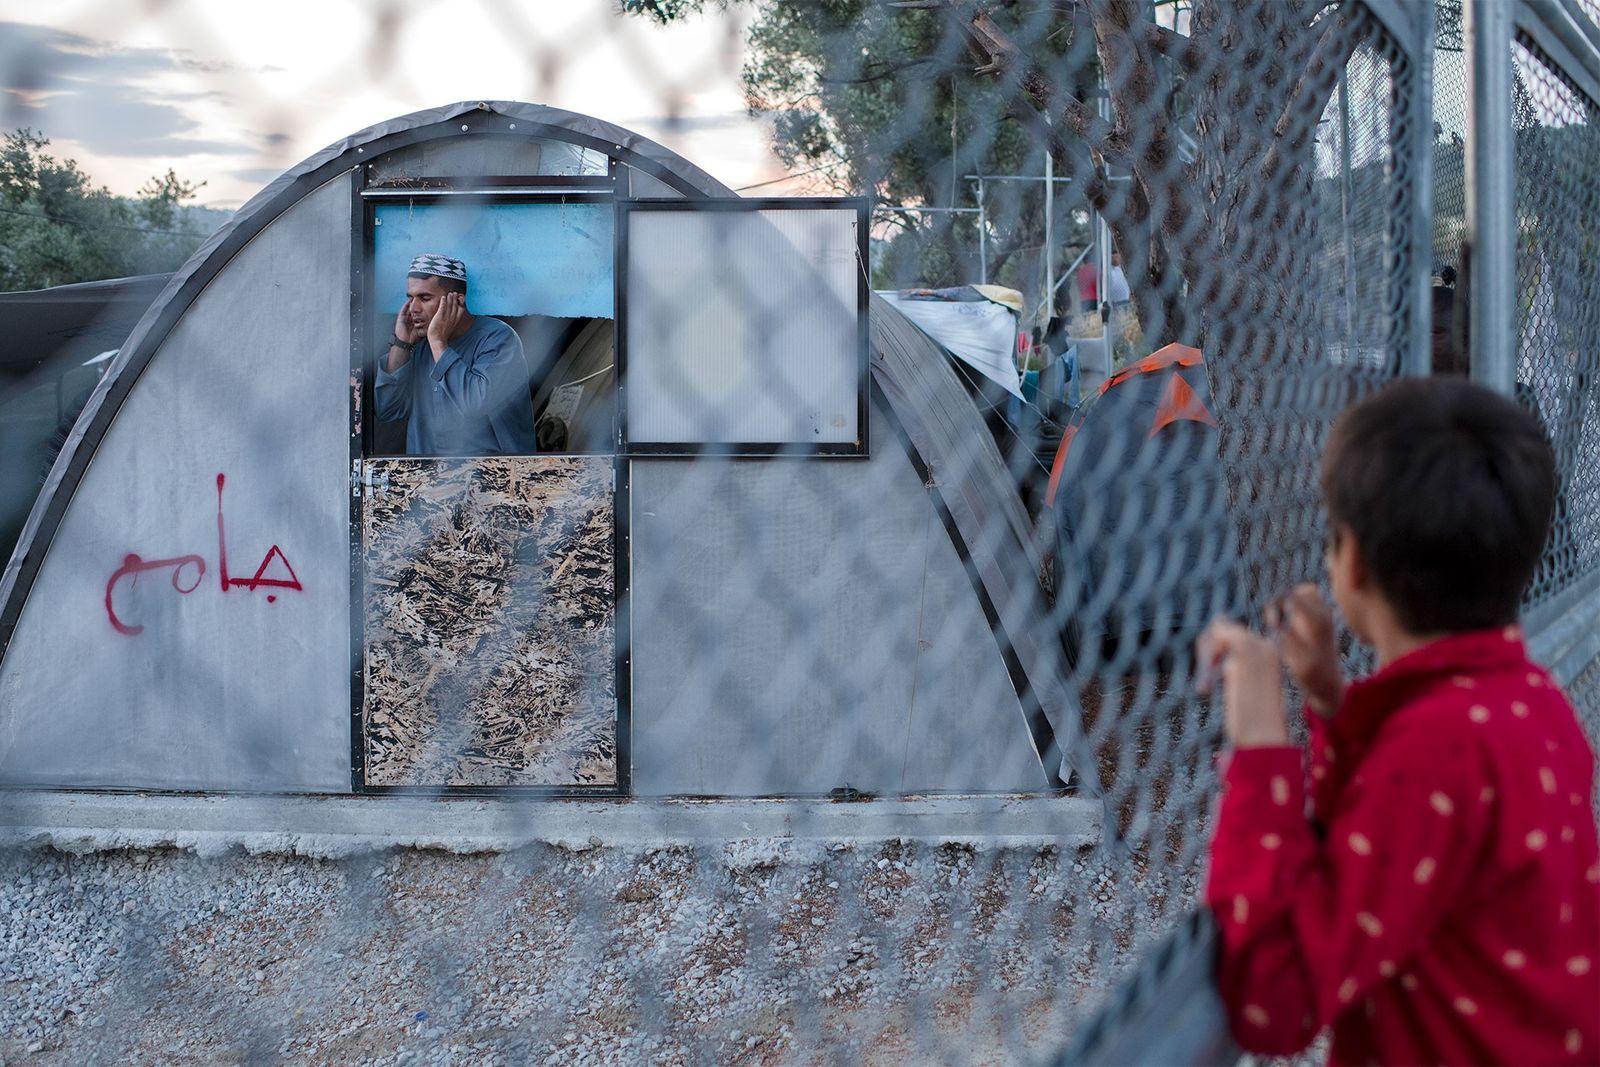 Le camp de Moria, sur l'île de Lesbos, est si surchargé que des réfugiés vivent désormais ...